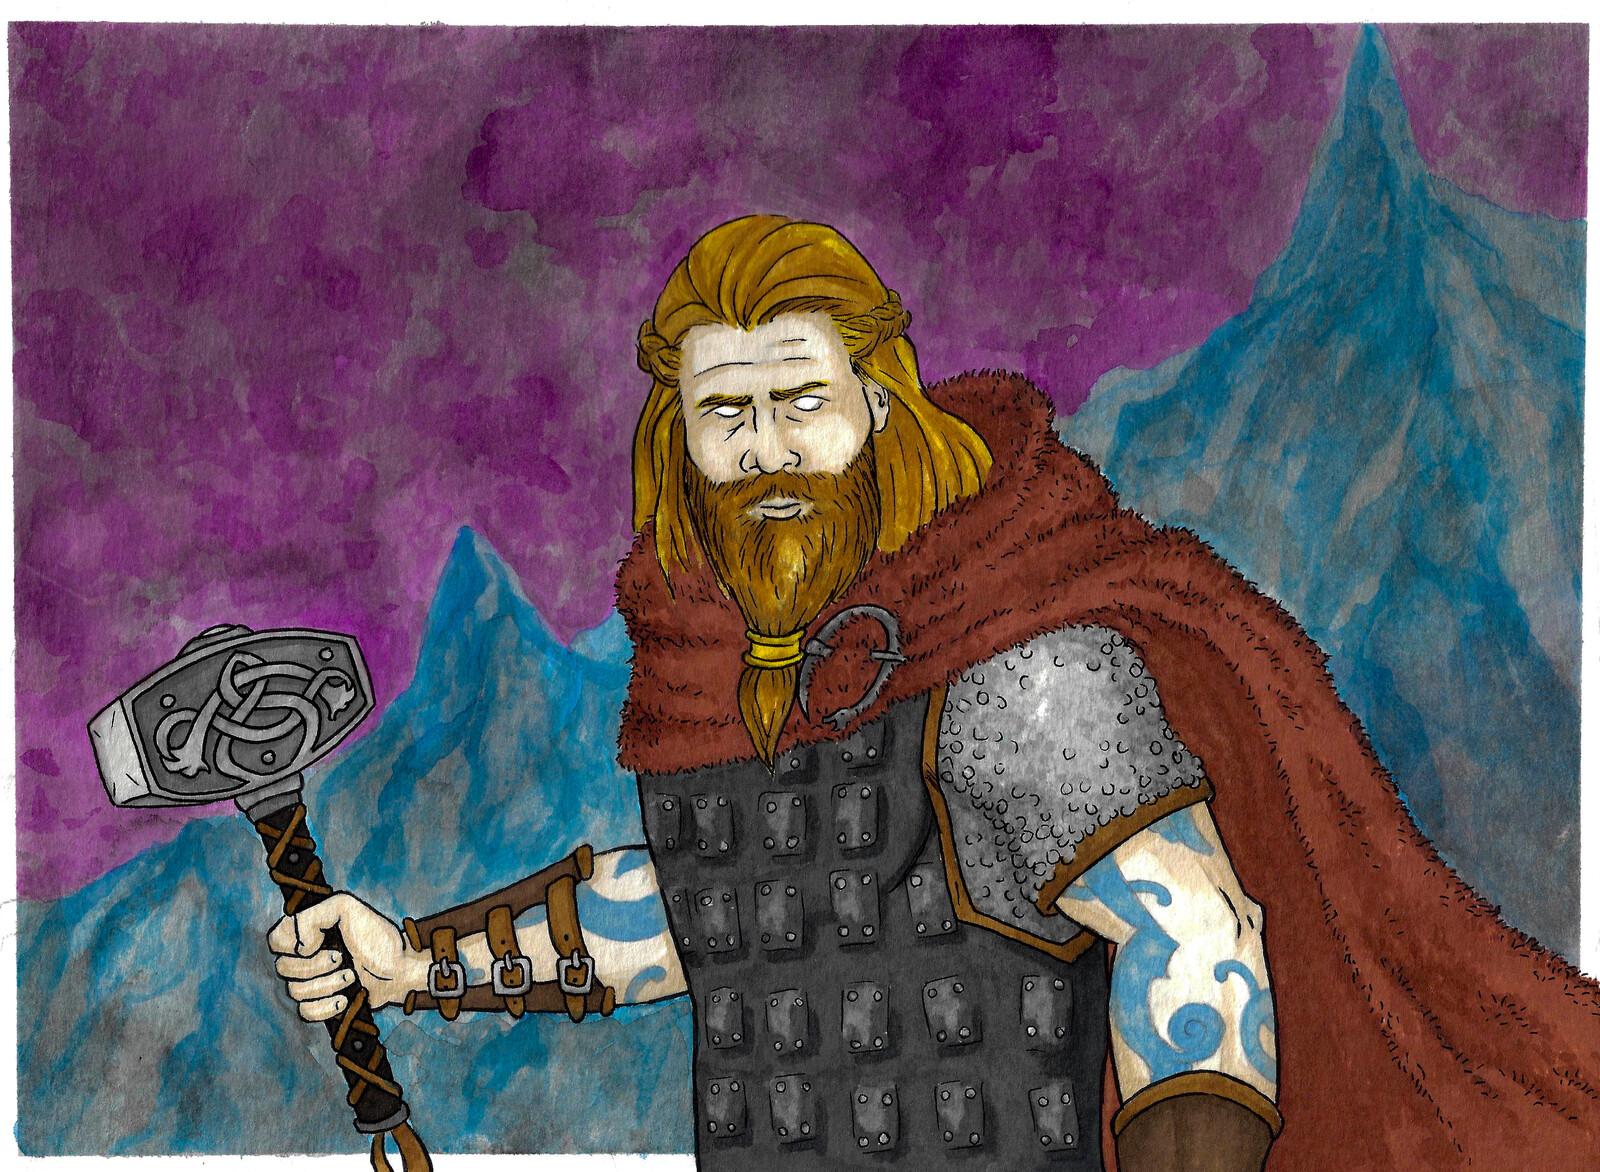 Thor, fan art